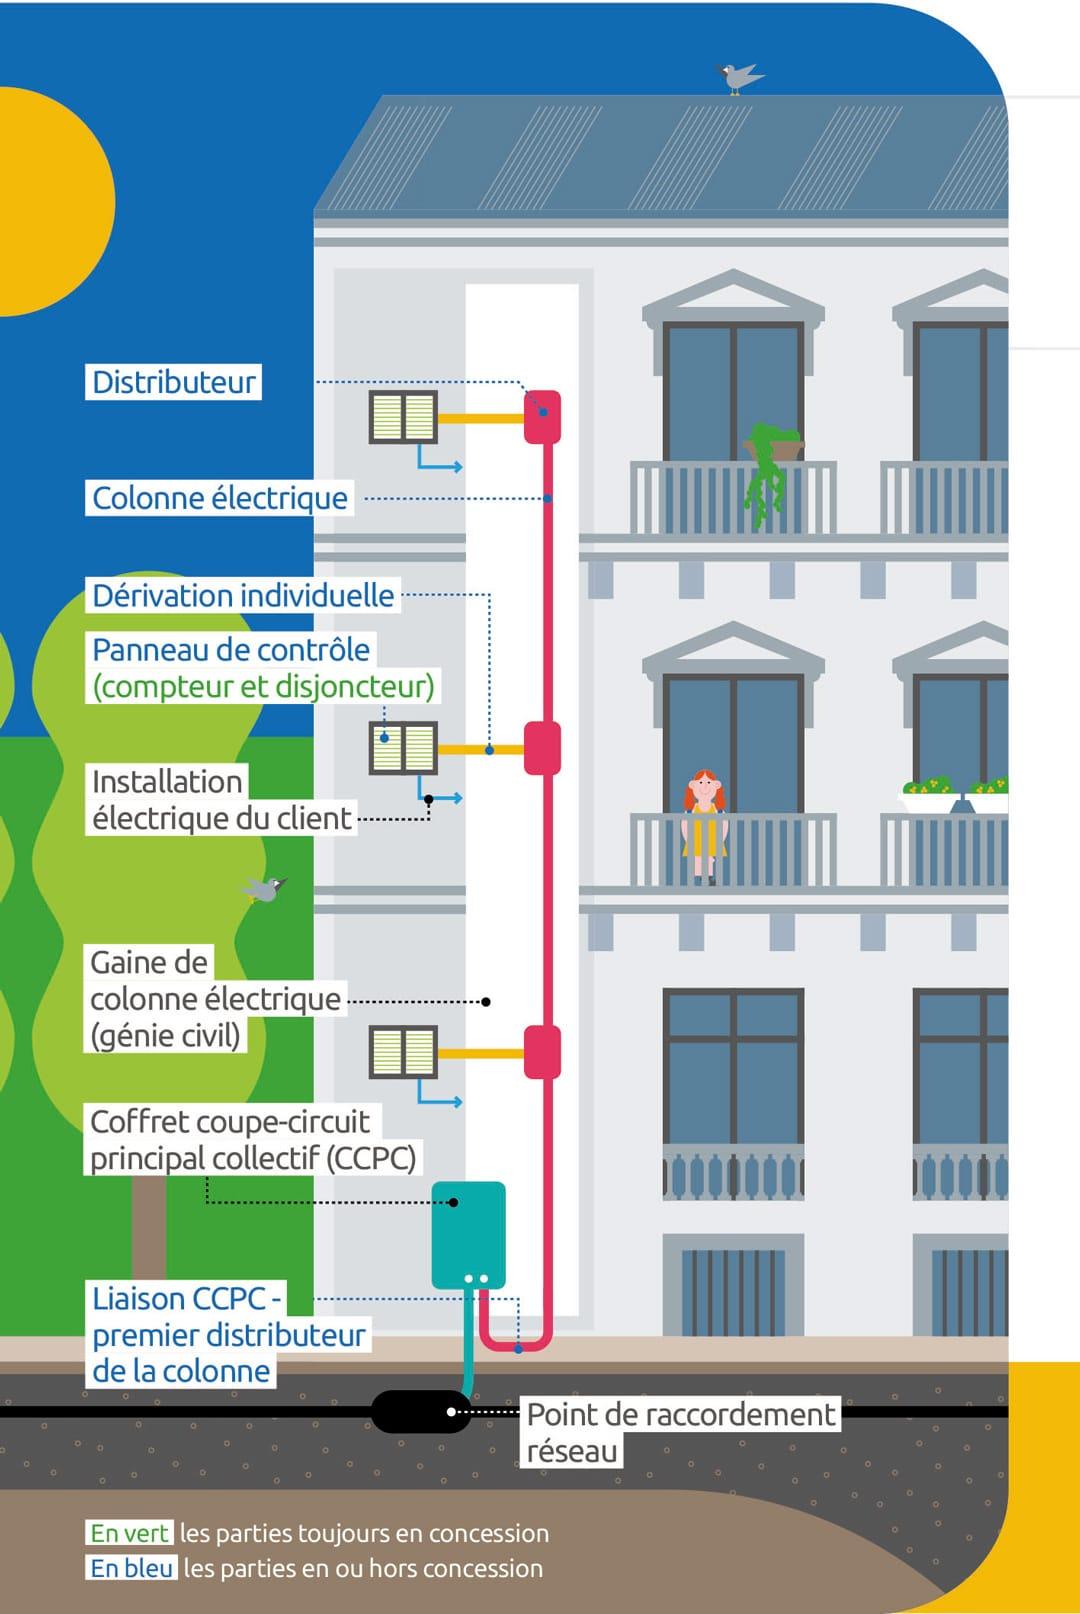 """Les colonnes montantes électriques """" La colonne montante électrique désigne l'ensemble des ouvrages électriques situés en aval du coupe-circuit principal nécessaires au raccordement au réseau public de distribution d'électricité des différents consommateurs ou producteurs situés au sein d'un même immeuble ou de bâtiments séparés construits sur une même parcelle cadastrale, à l'exclusion des dispositifs de comptage"""" (art.L.346-1. de la loi ELAN)"""